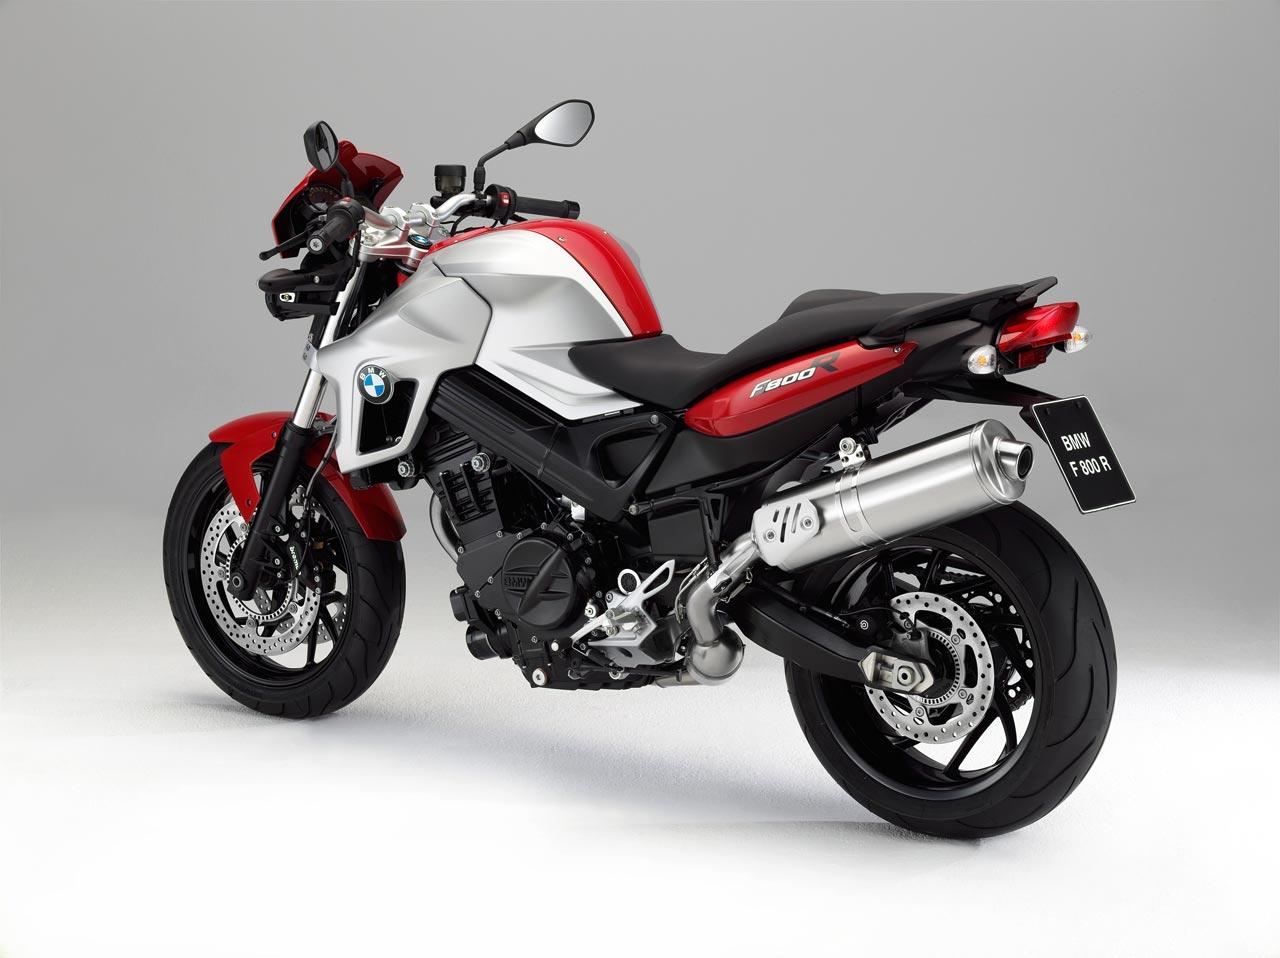 bmw f 800 r 2012 motos blog. Black Bedroom Furniture Sets. Home Design Ideas